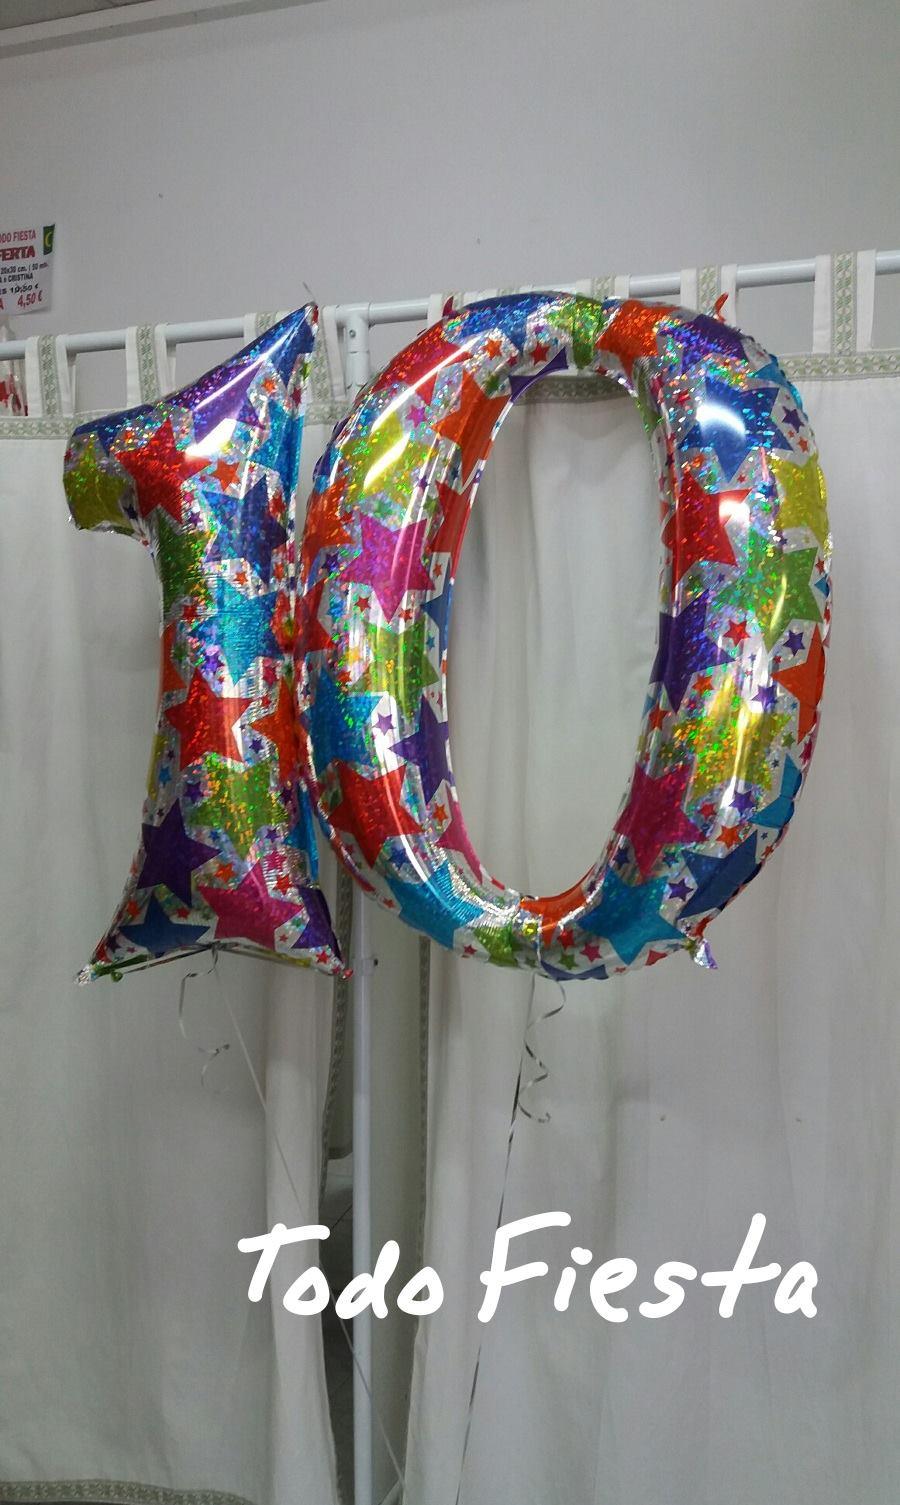 Decoraci n con globos de todo fiesta decoraciones para for Decoracion con globos para cumpleanos